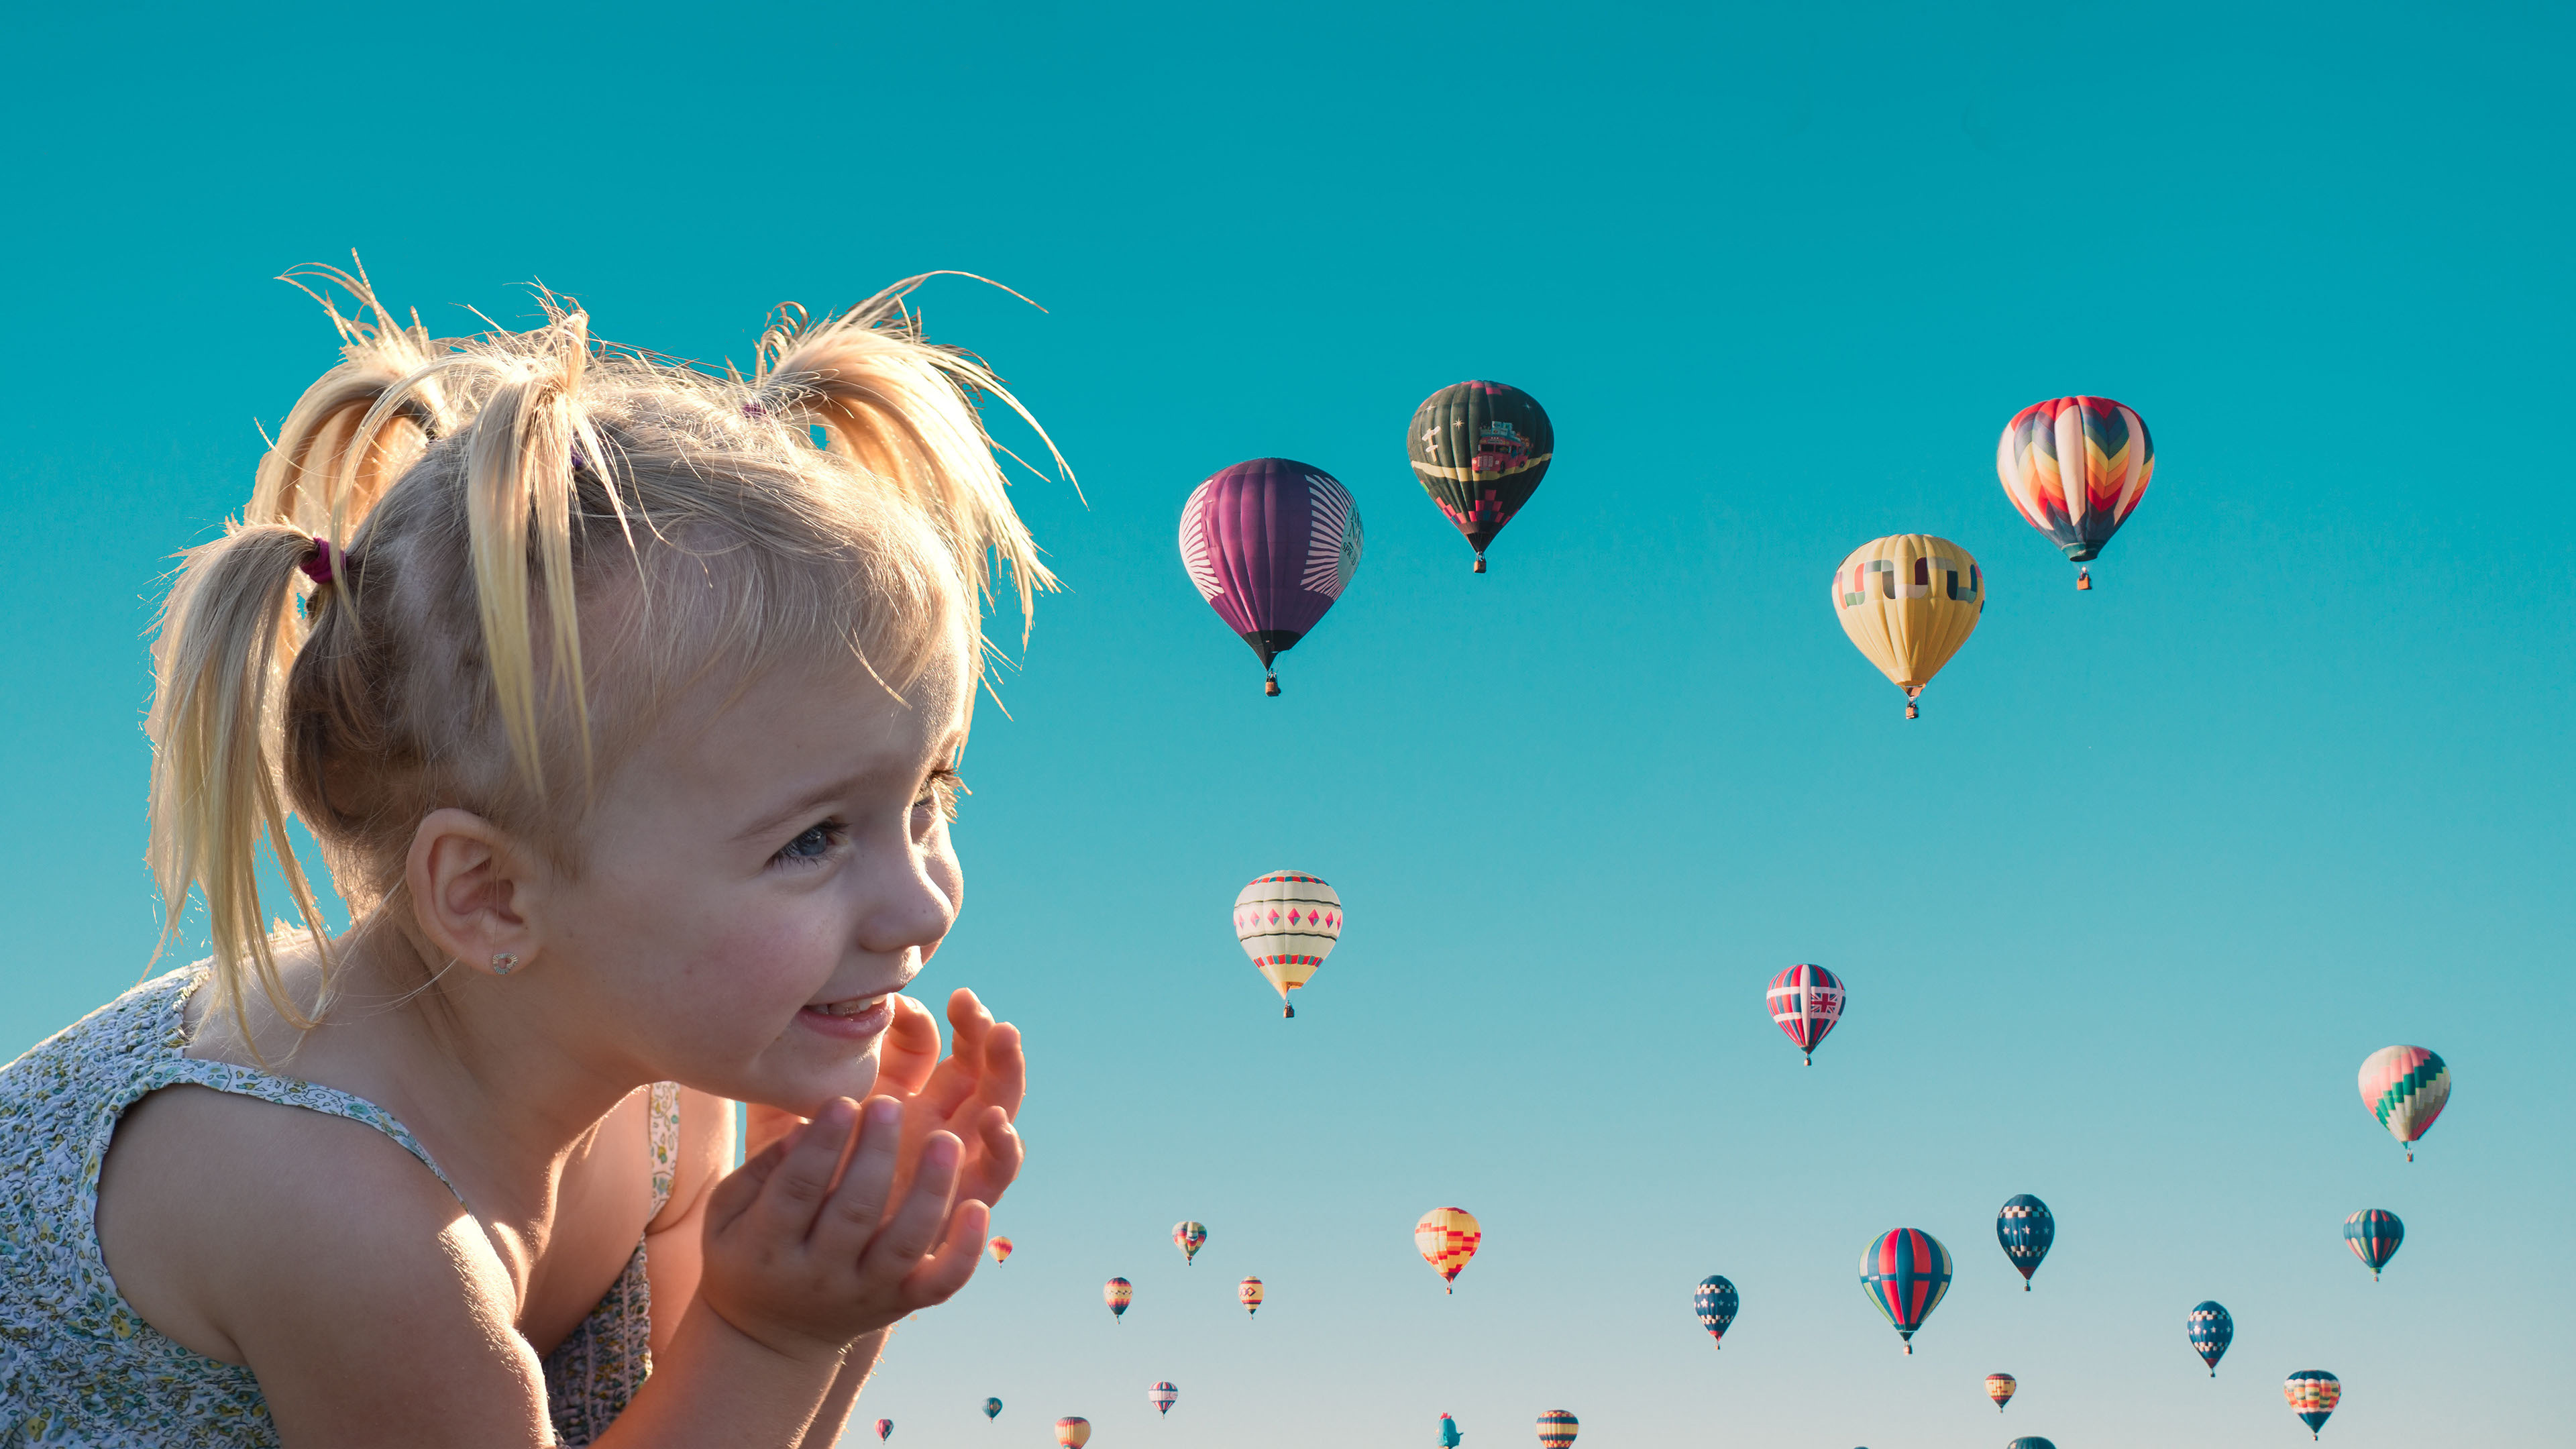 Летнее солнечное утро с воздушными разноцветными шарами и восхищение,радость белокурой девочки